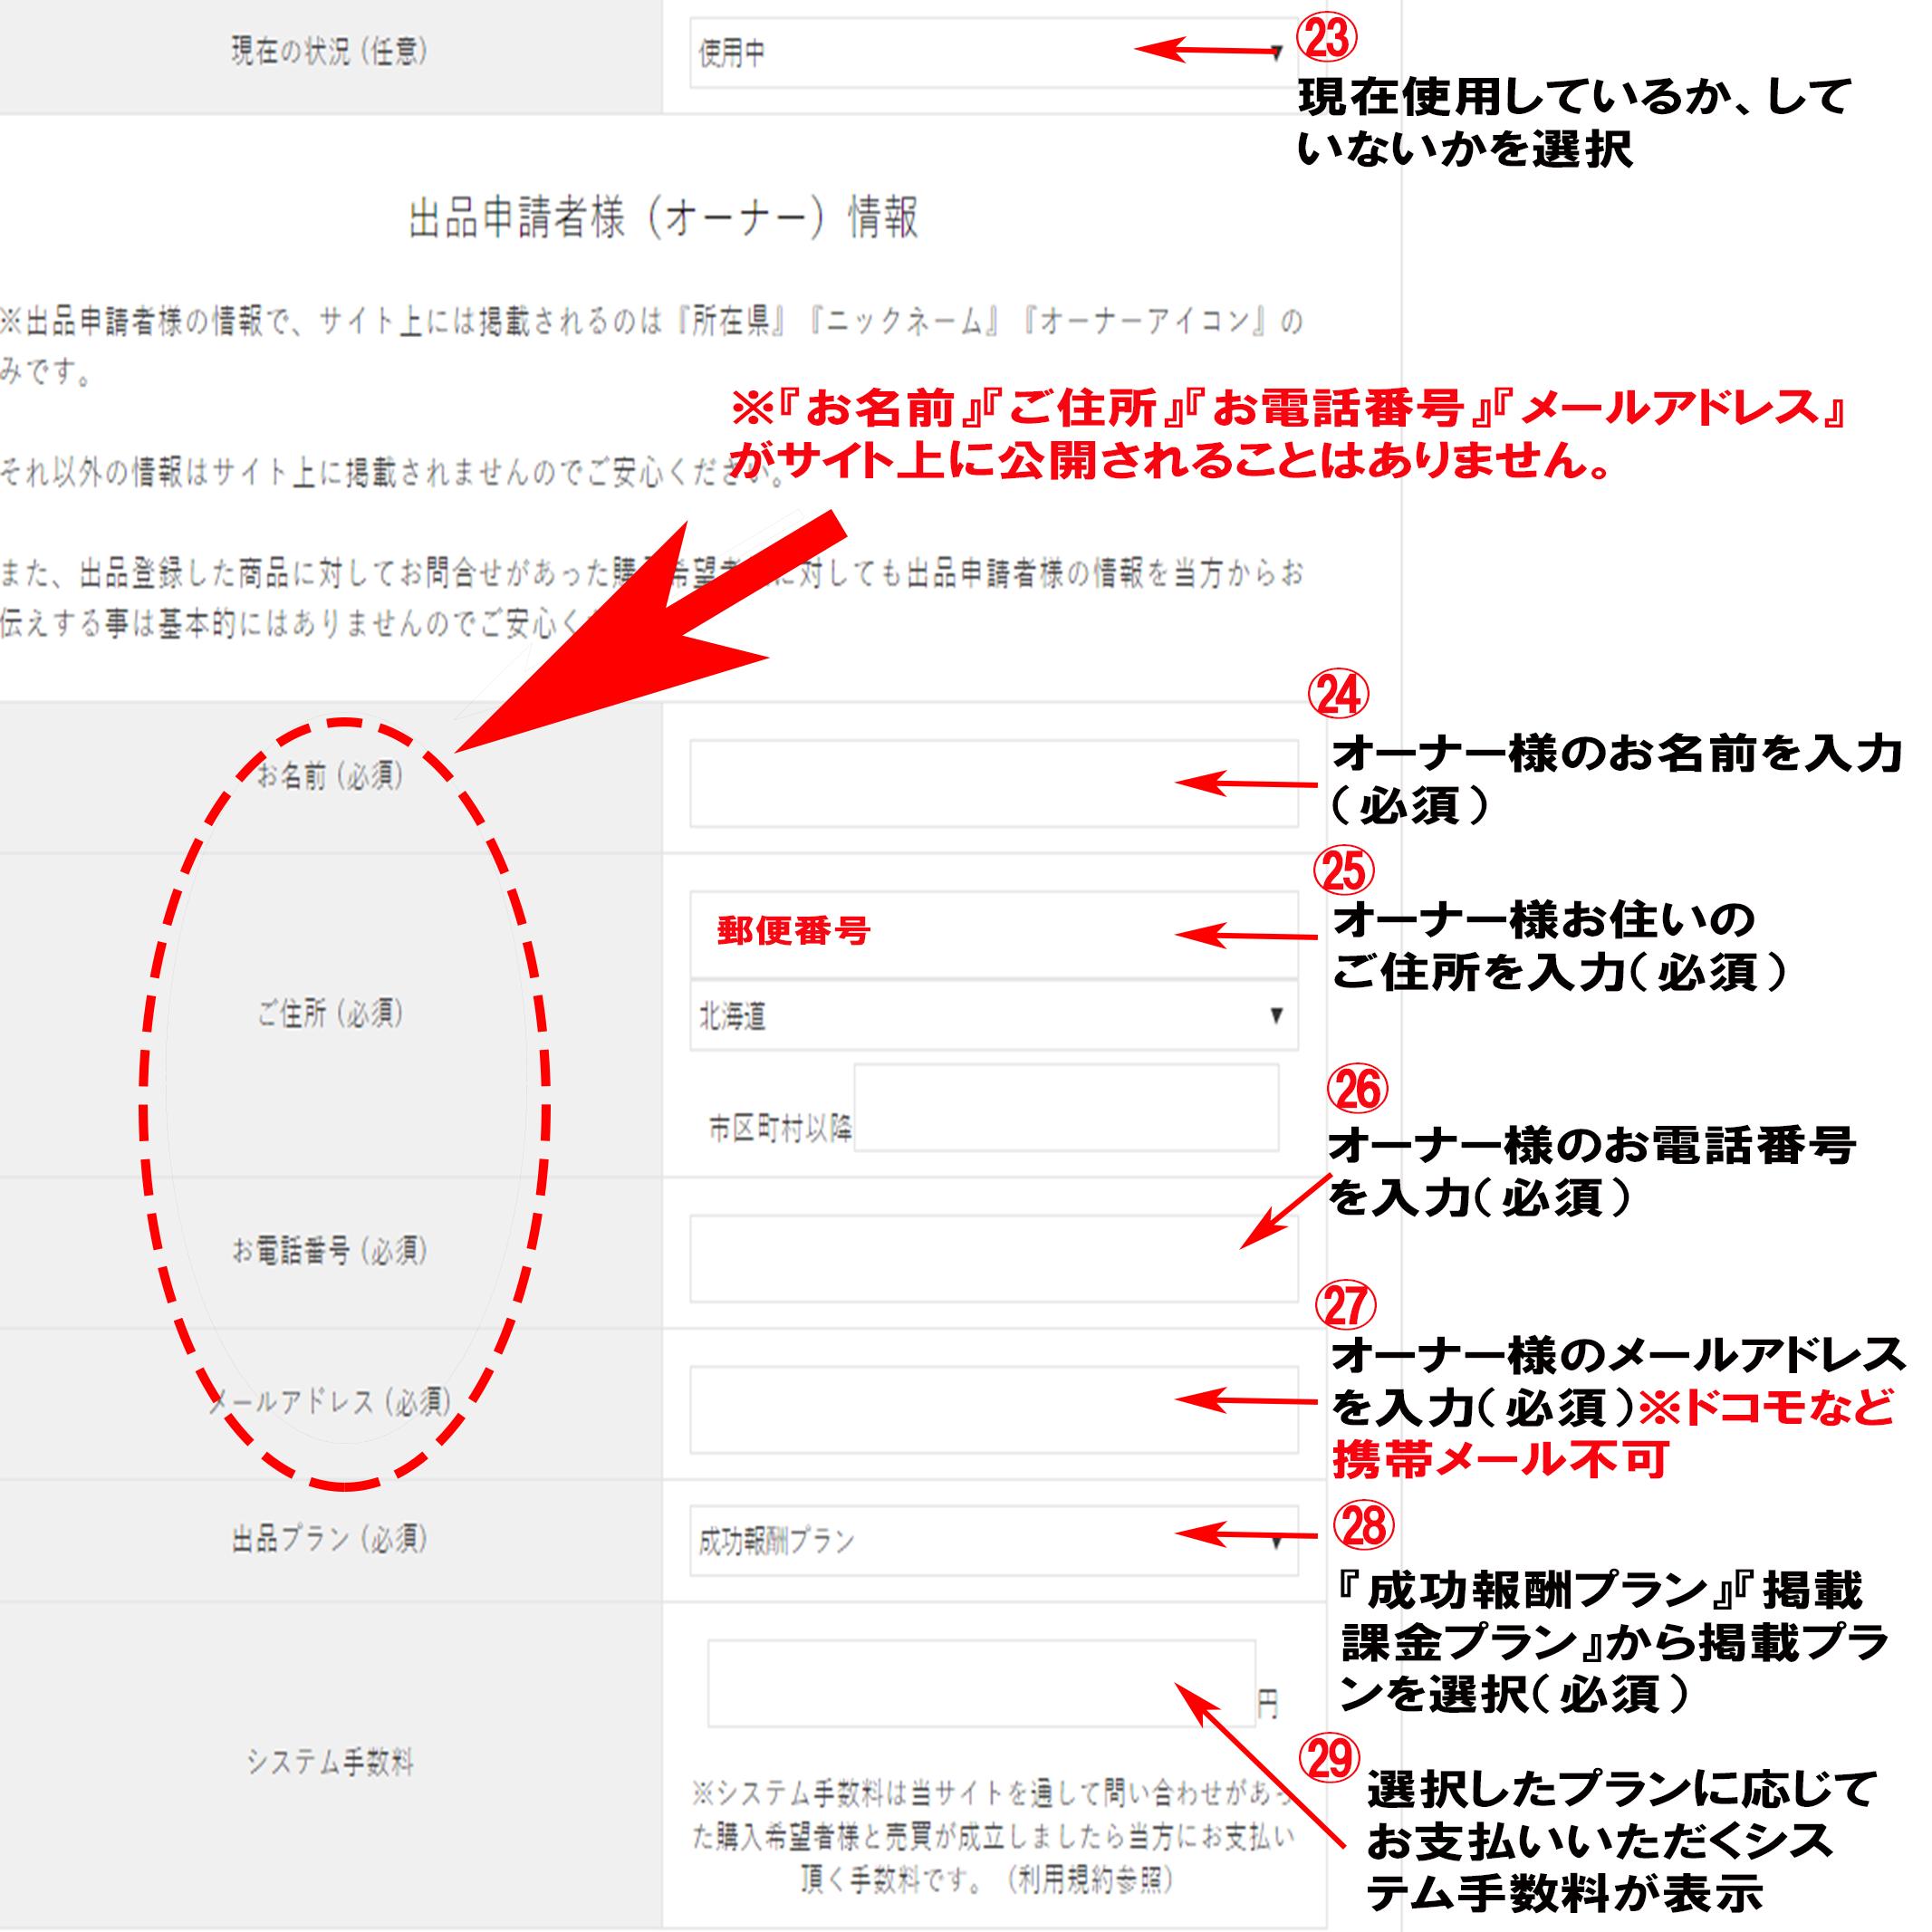 漁船所有者情報登録